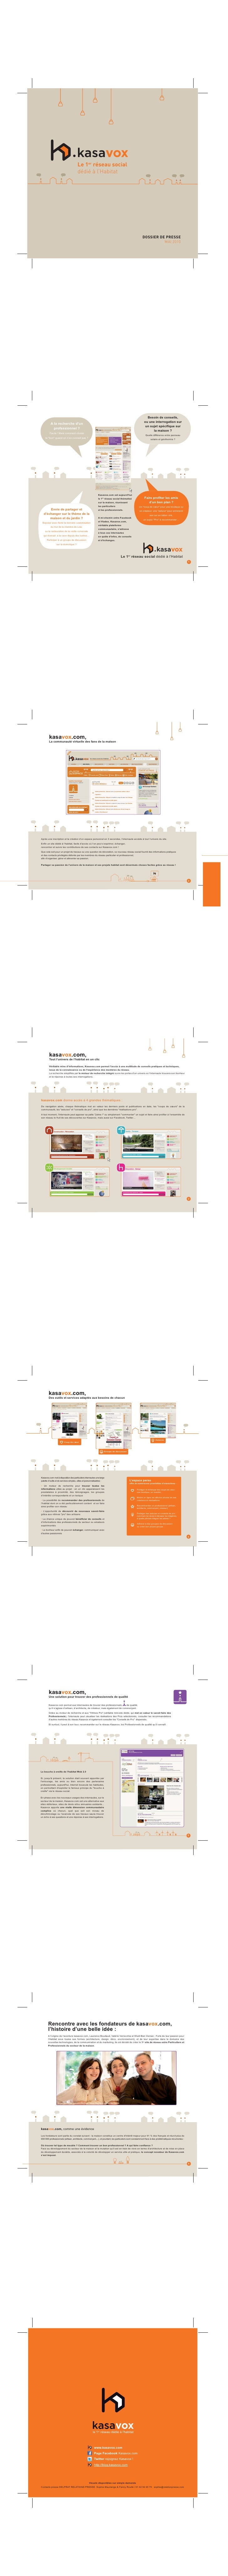 Le 1er réseau social dédié à l'Habitat                            DOSSIER DE PRESSE                                  MAI 2...